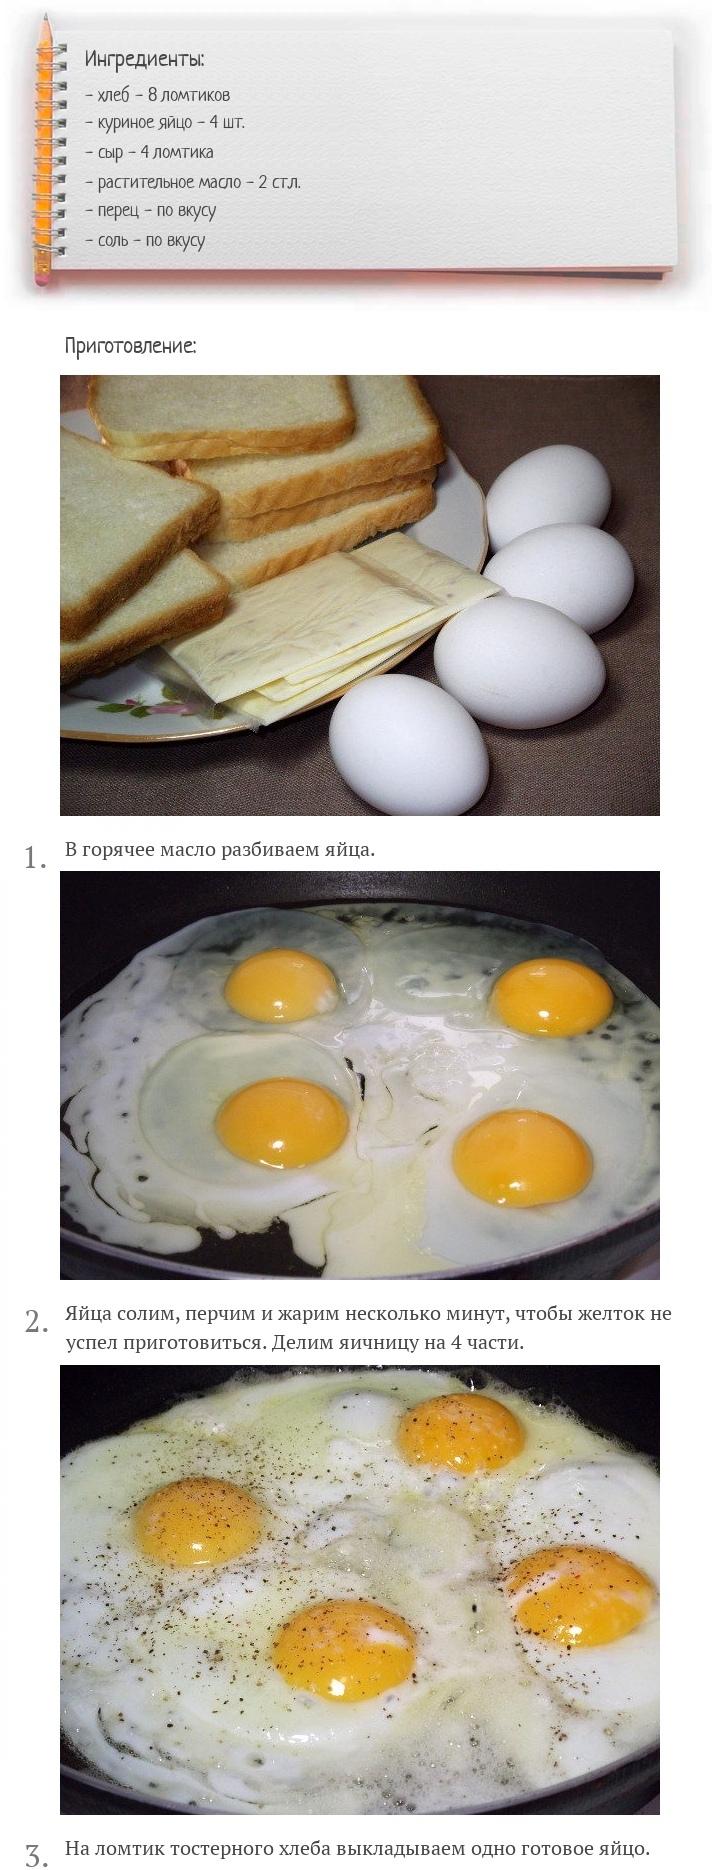 Теплый сэндвич с яйцом и плавленным сыром, изображение №2